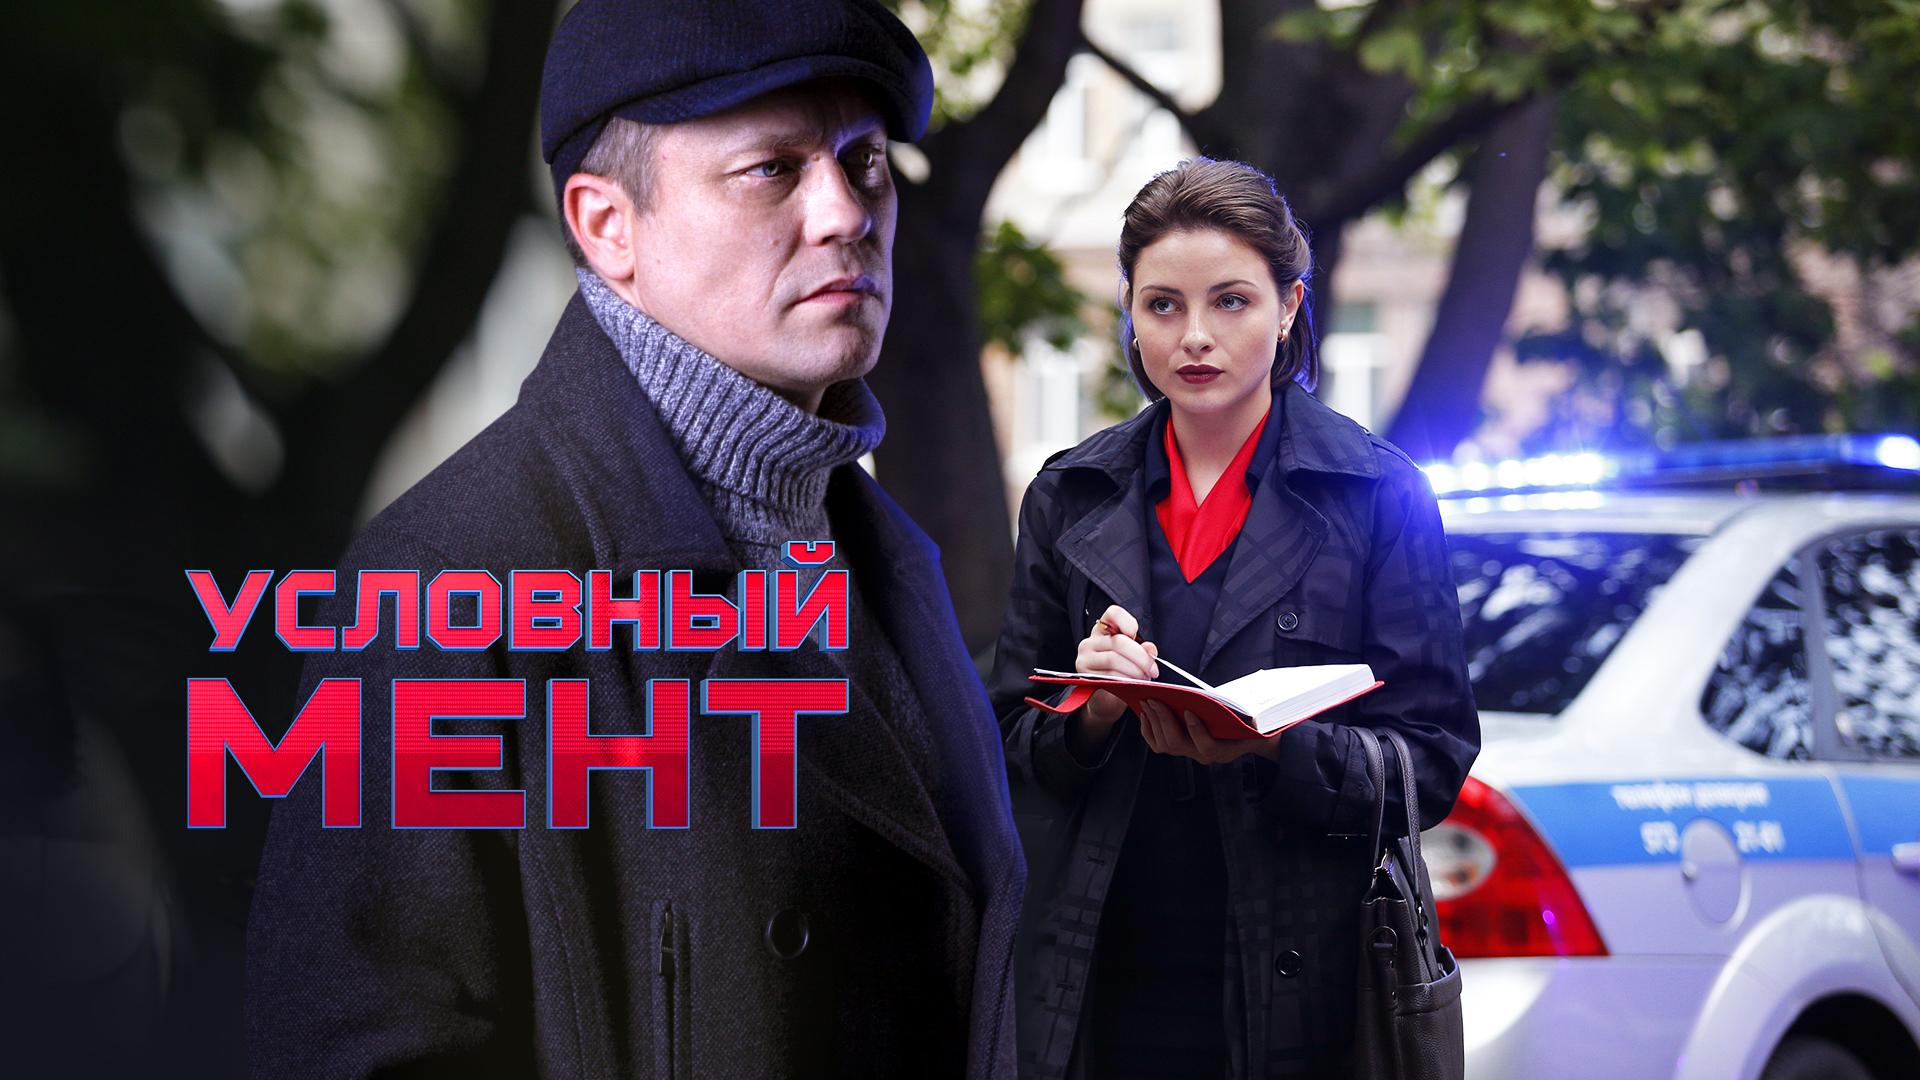 Условный мент (1 сезон 24 серии) (2019) (V.11)